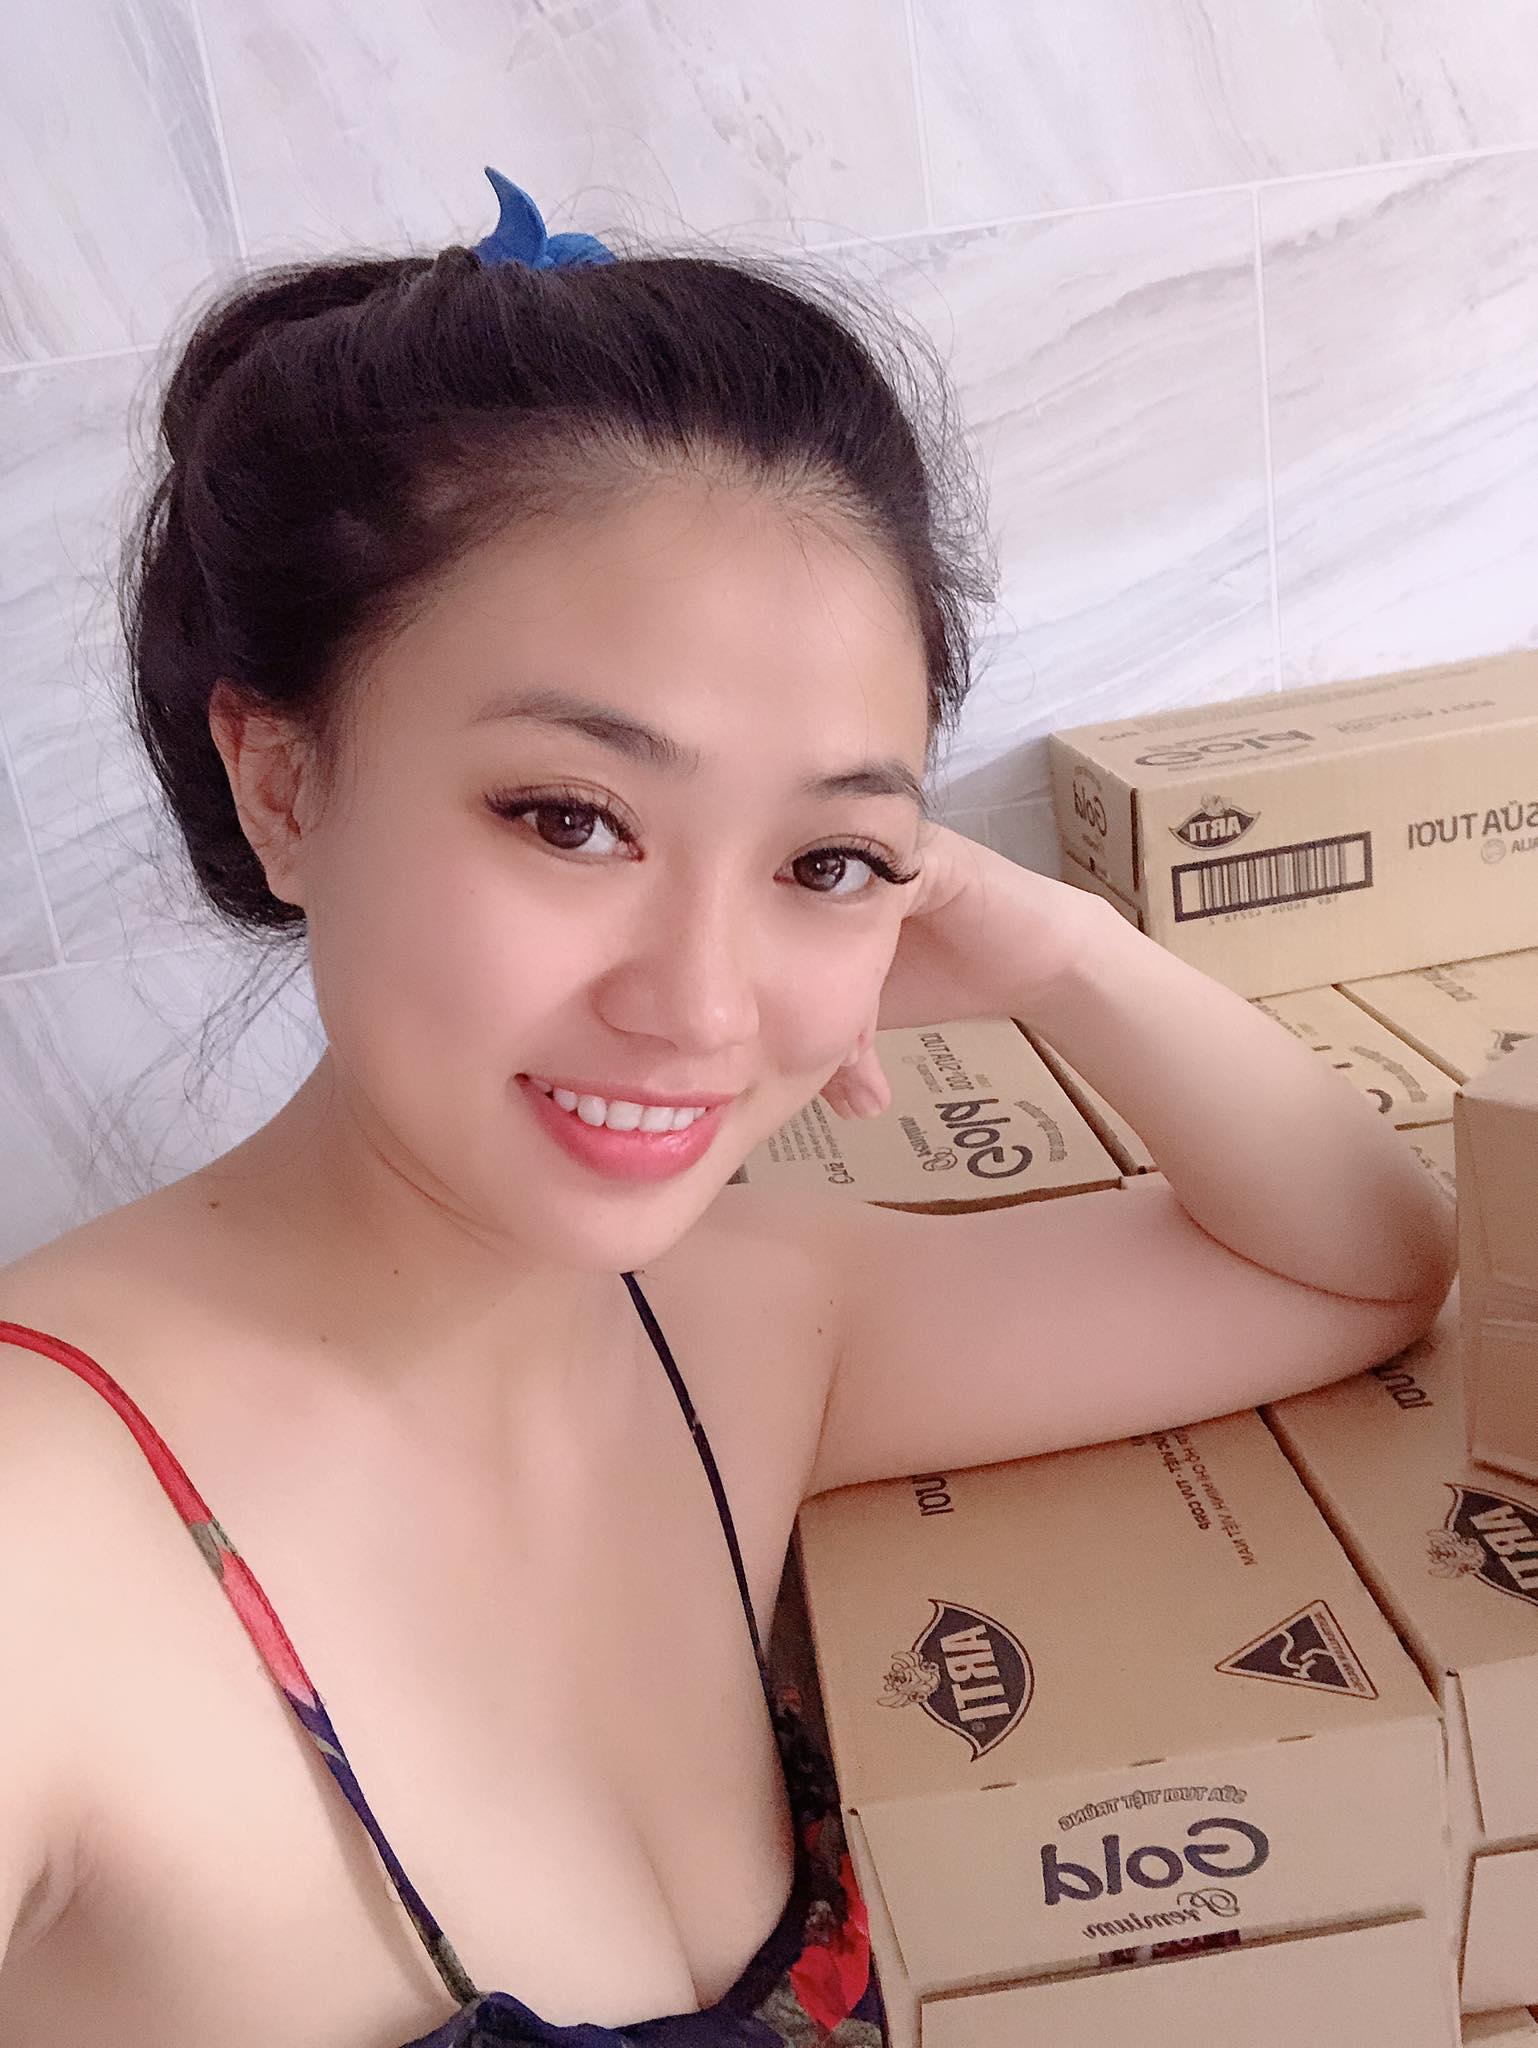 """Danh hài Lê Huỳnh cưới vợ kém 30 tuổi, bố mẹ vợ gọi bằng """"anh"""" - 6"""